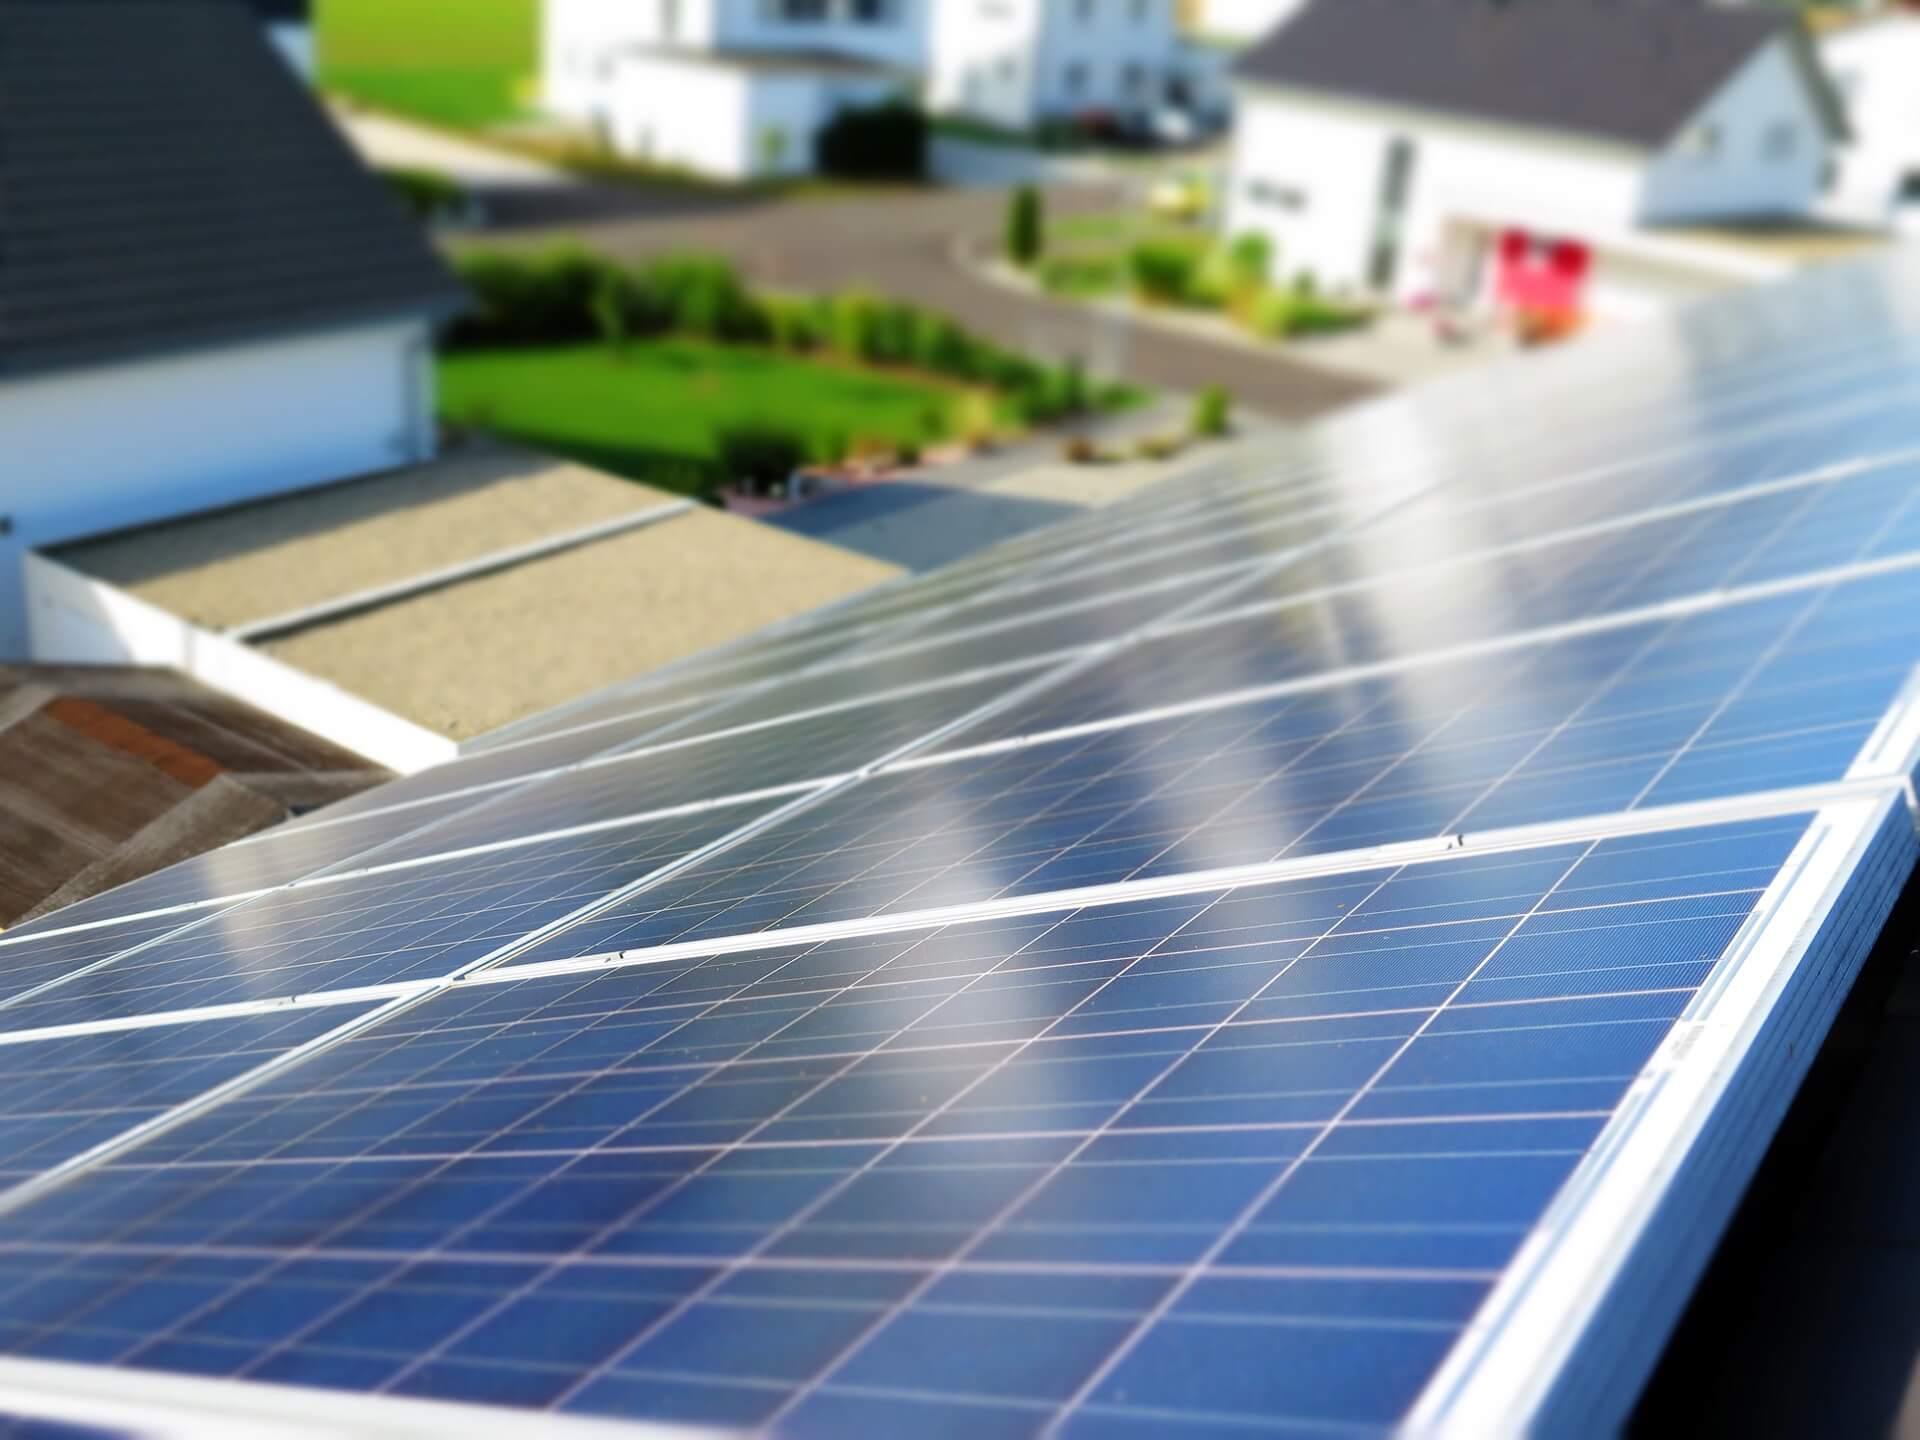 Lámparas solares LED en una casa